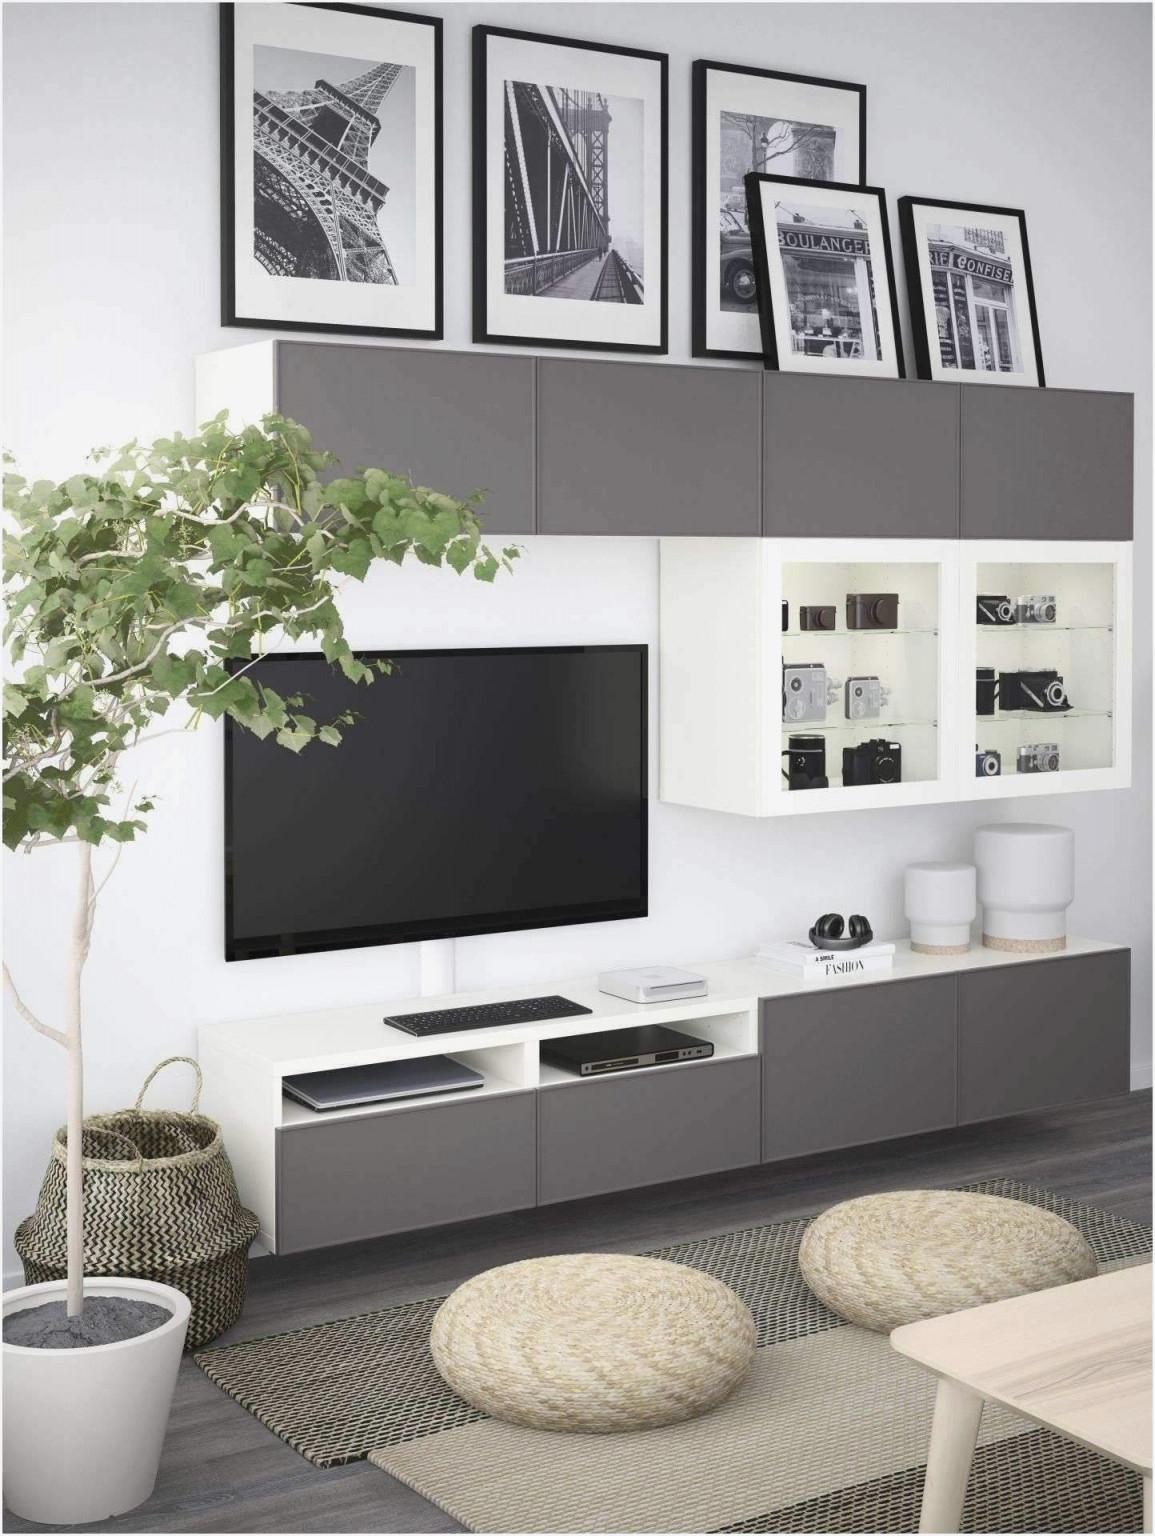 Ikea Moderne Wohnzimmer Schrank  Wohnzimmer  Traumhaus von Moderne Schränke Für Wohnzimmer Bild